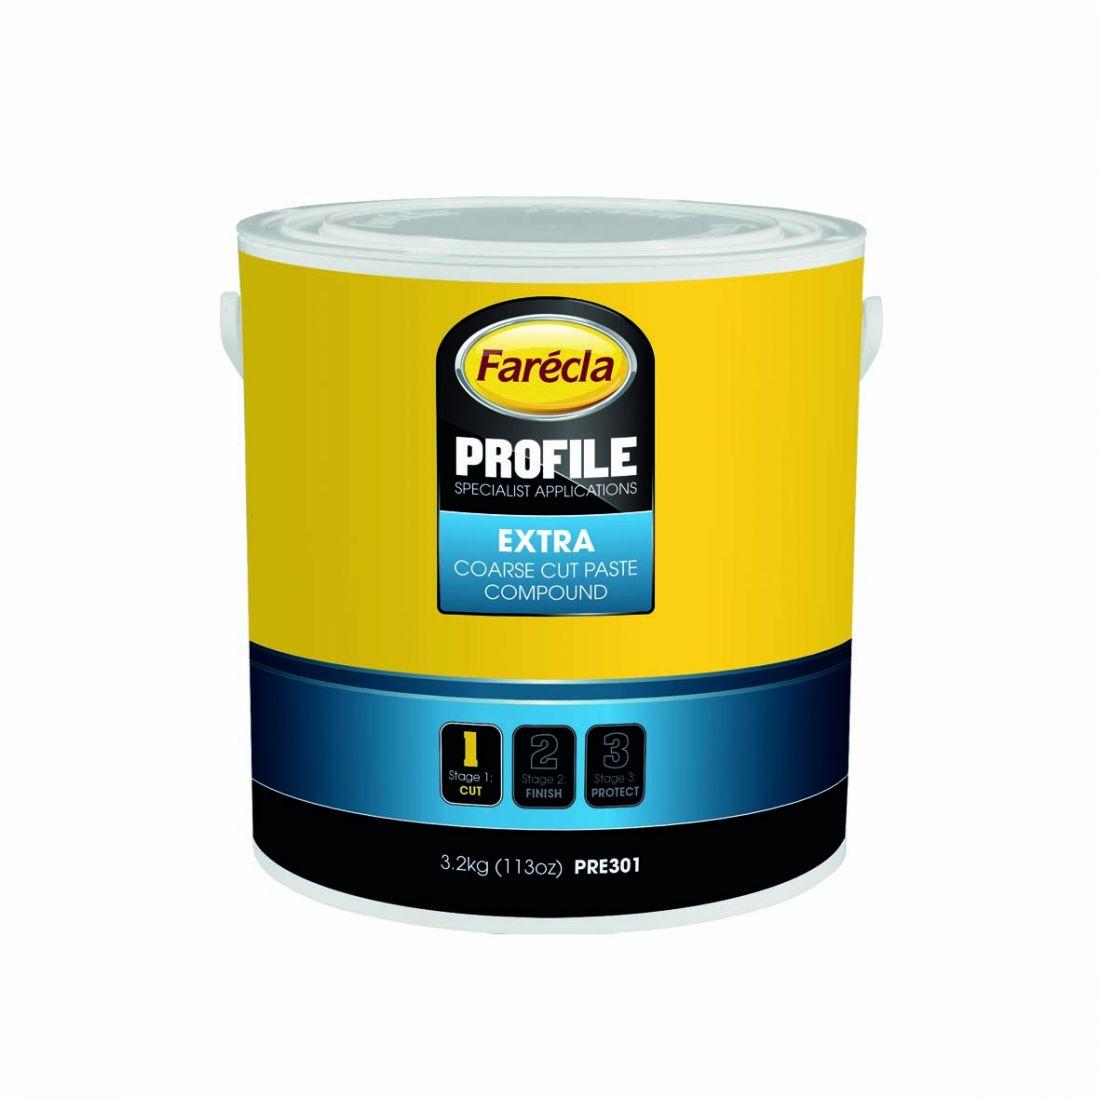 FARECLA  Extra Coarse Cut Paste Compound Высокоабразиваня паста, 3,2кг